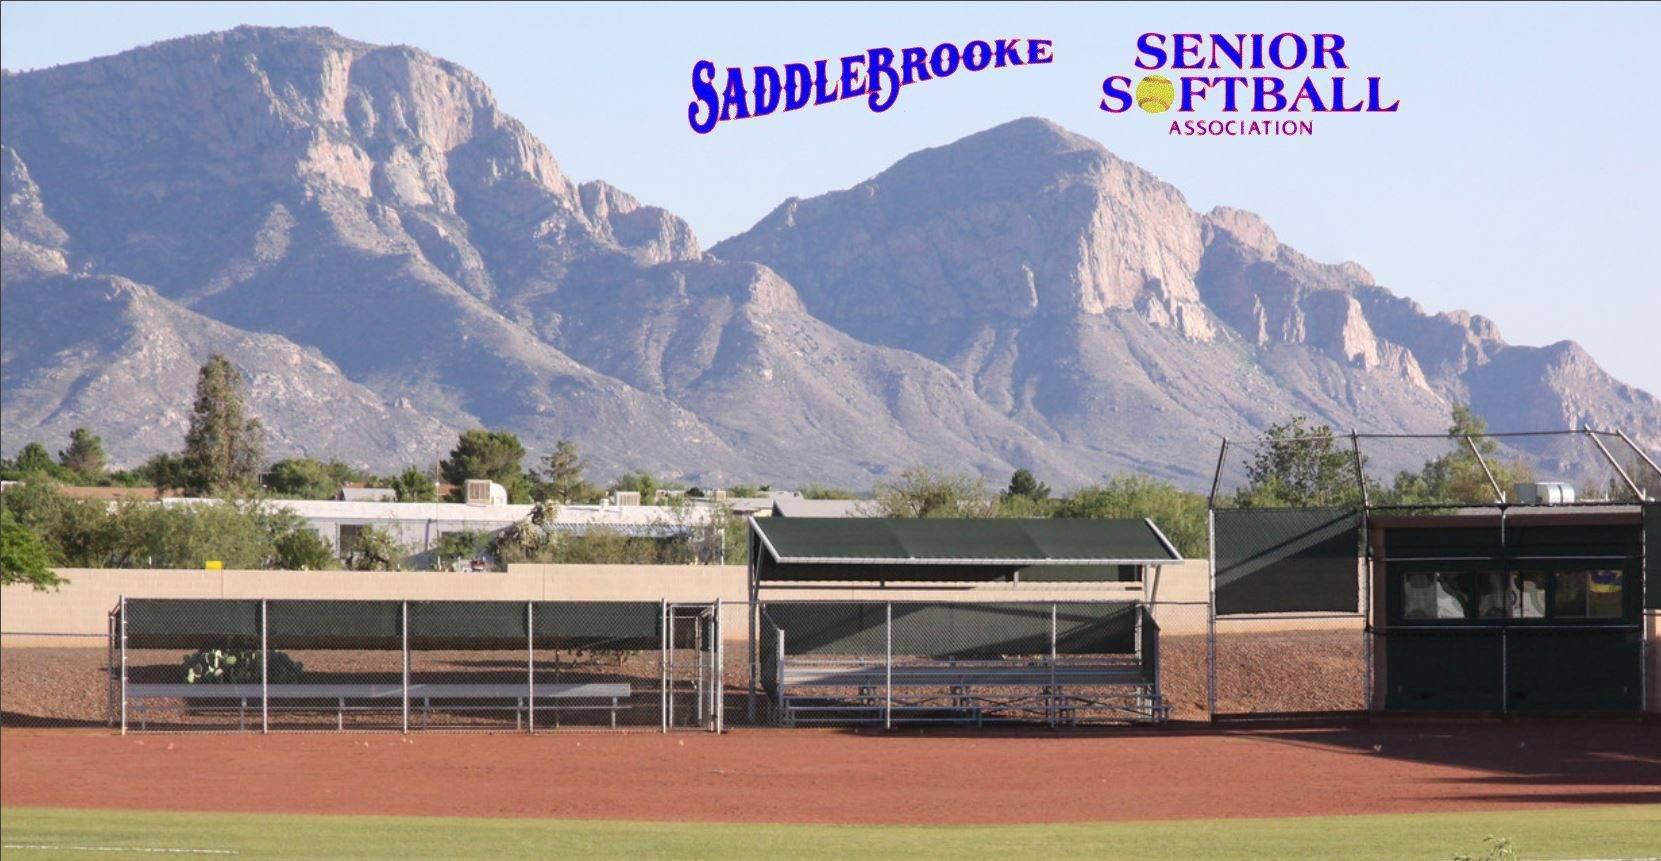 Saddlebrooke Softball